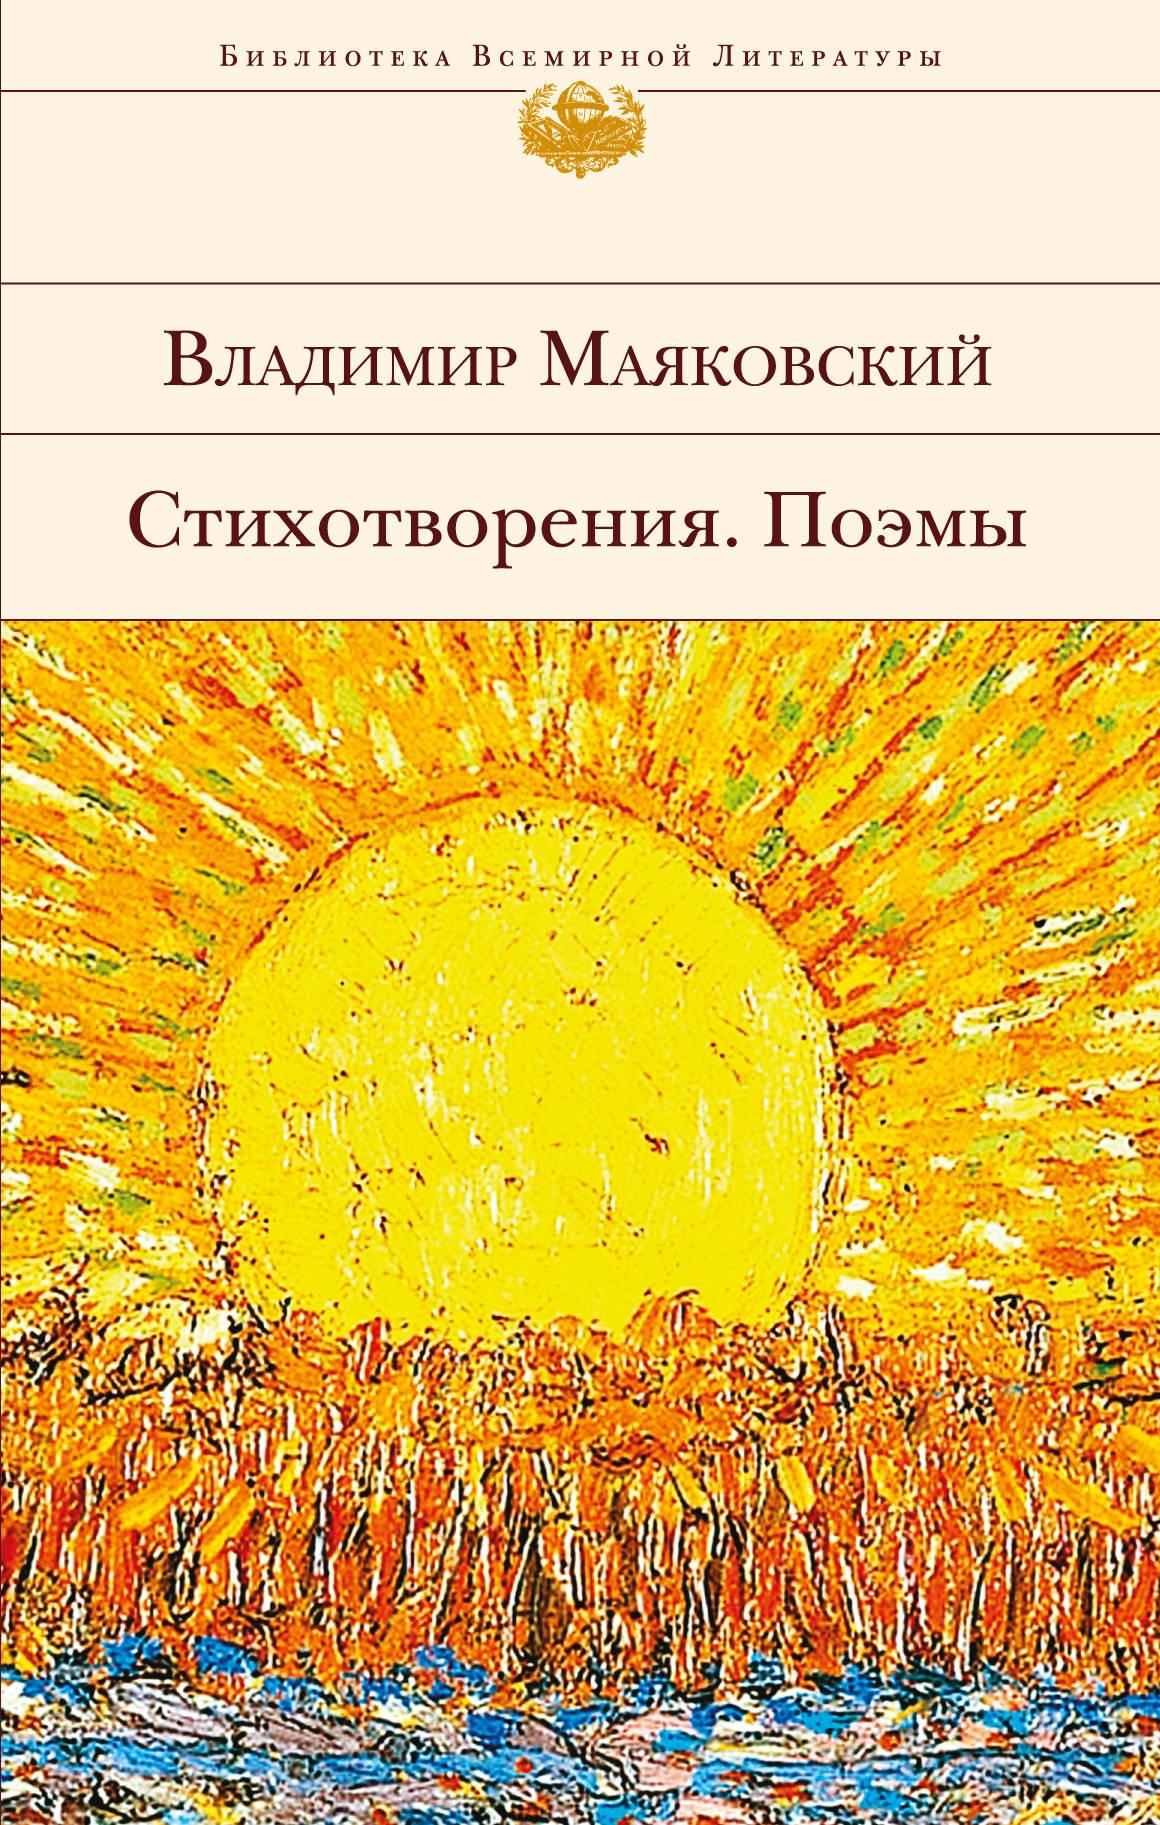 Маяковский Владимир Владимирович Владимир Маяковский. Стихотворения. Поэмы